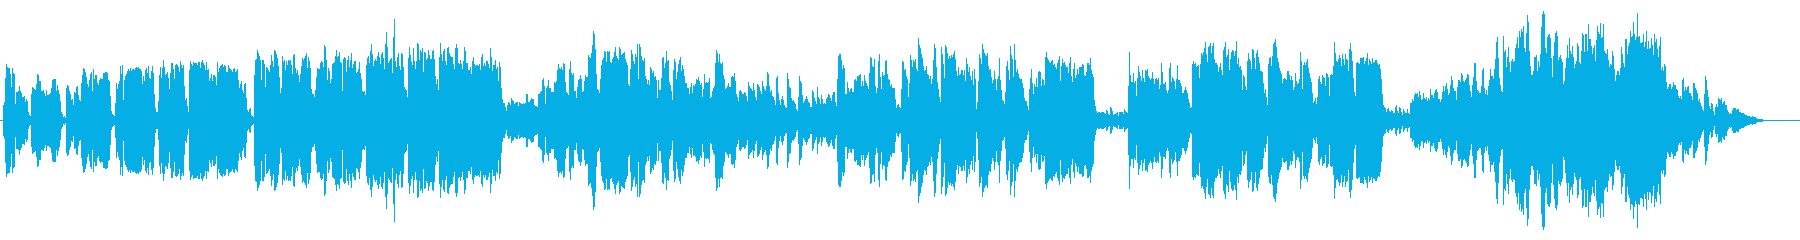 ゆったりとしたピアノと女性ボーカルの再生済みの波形